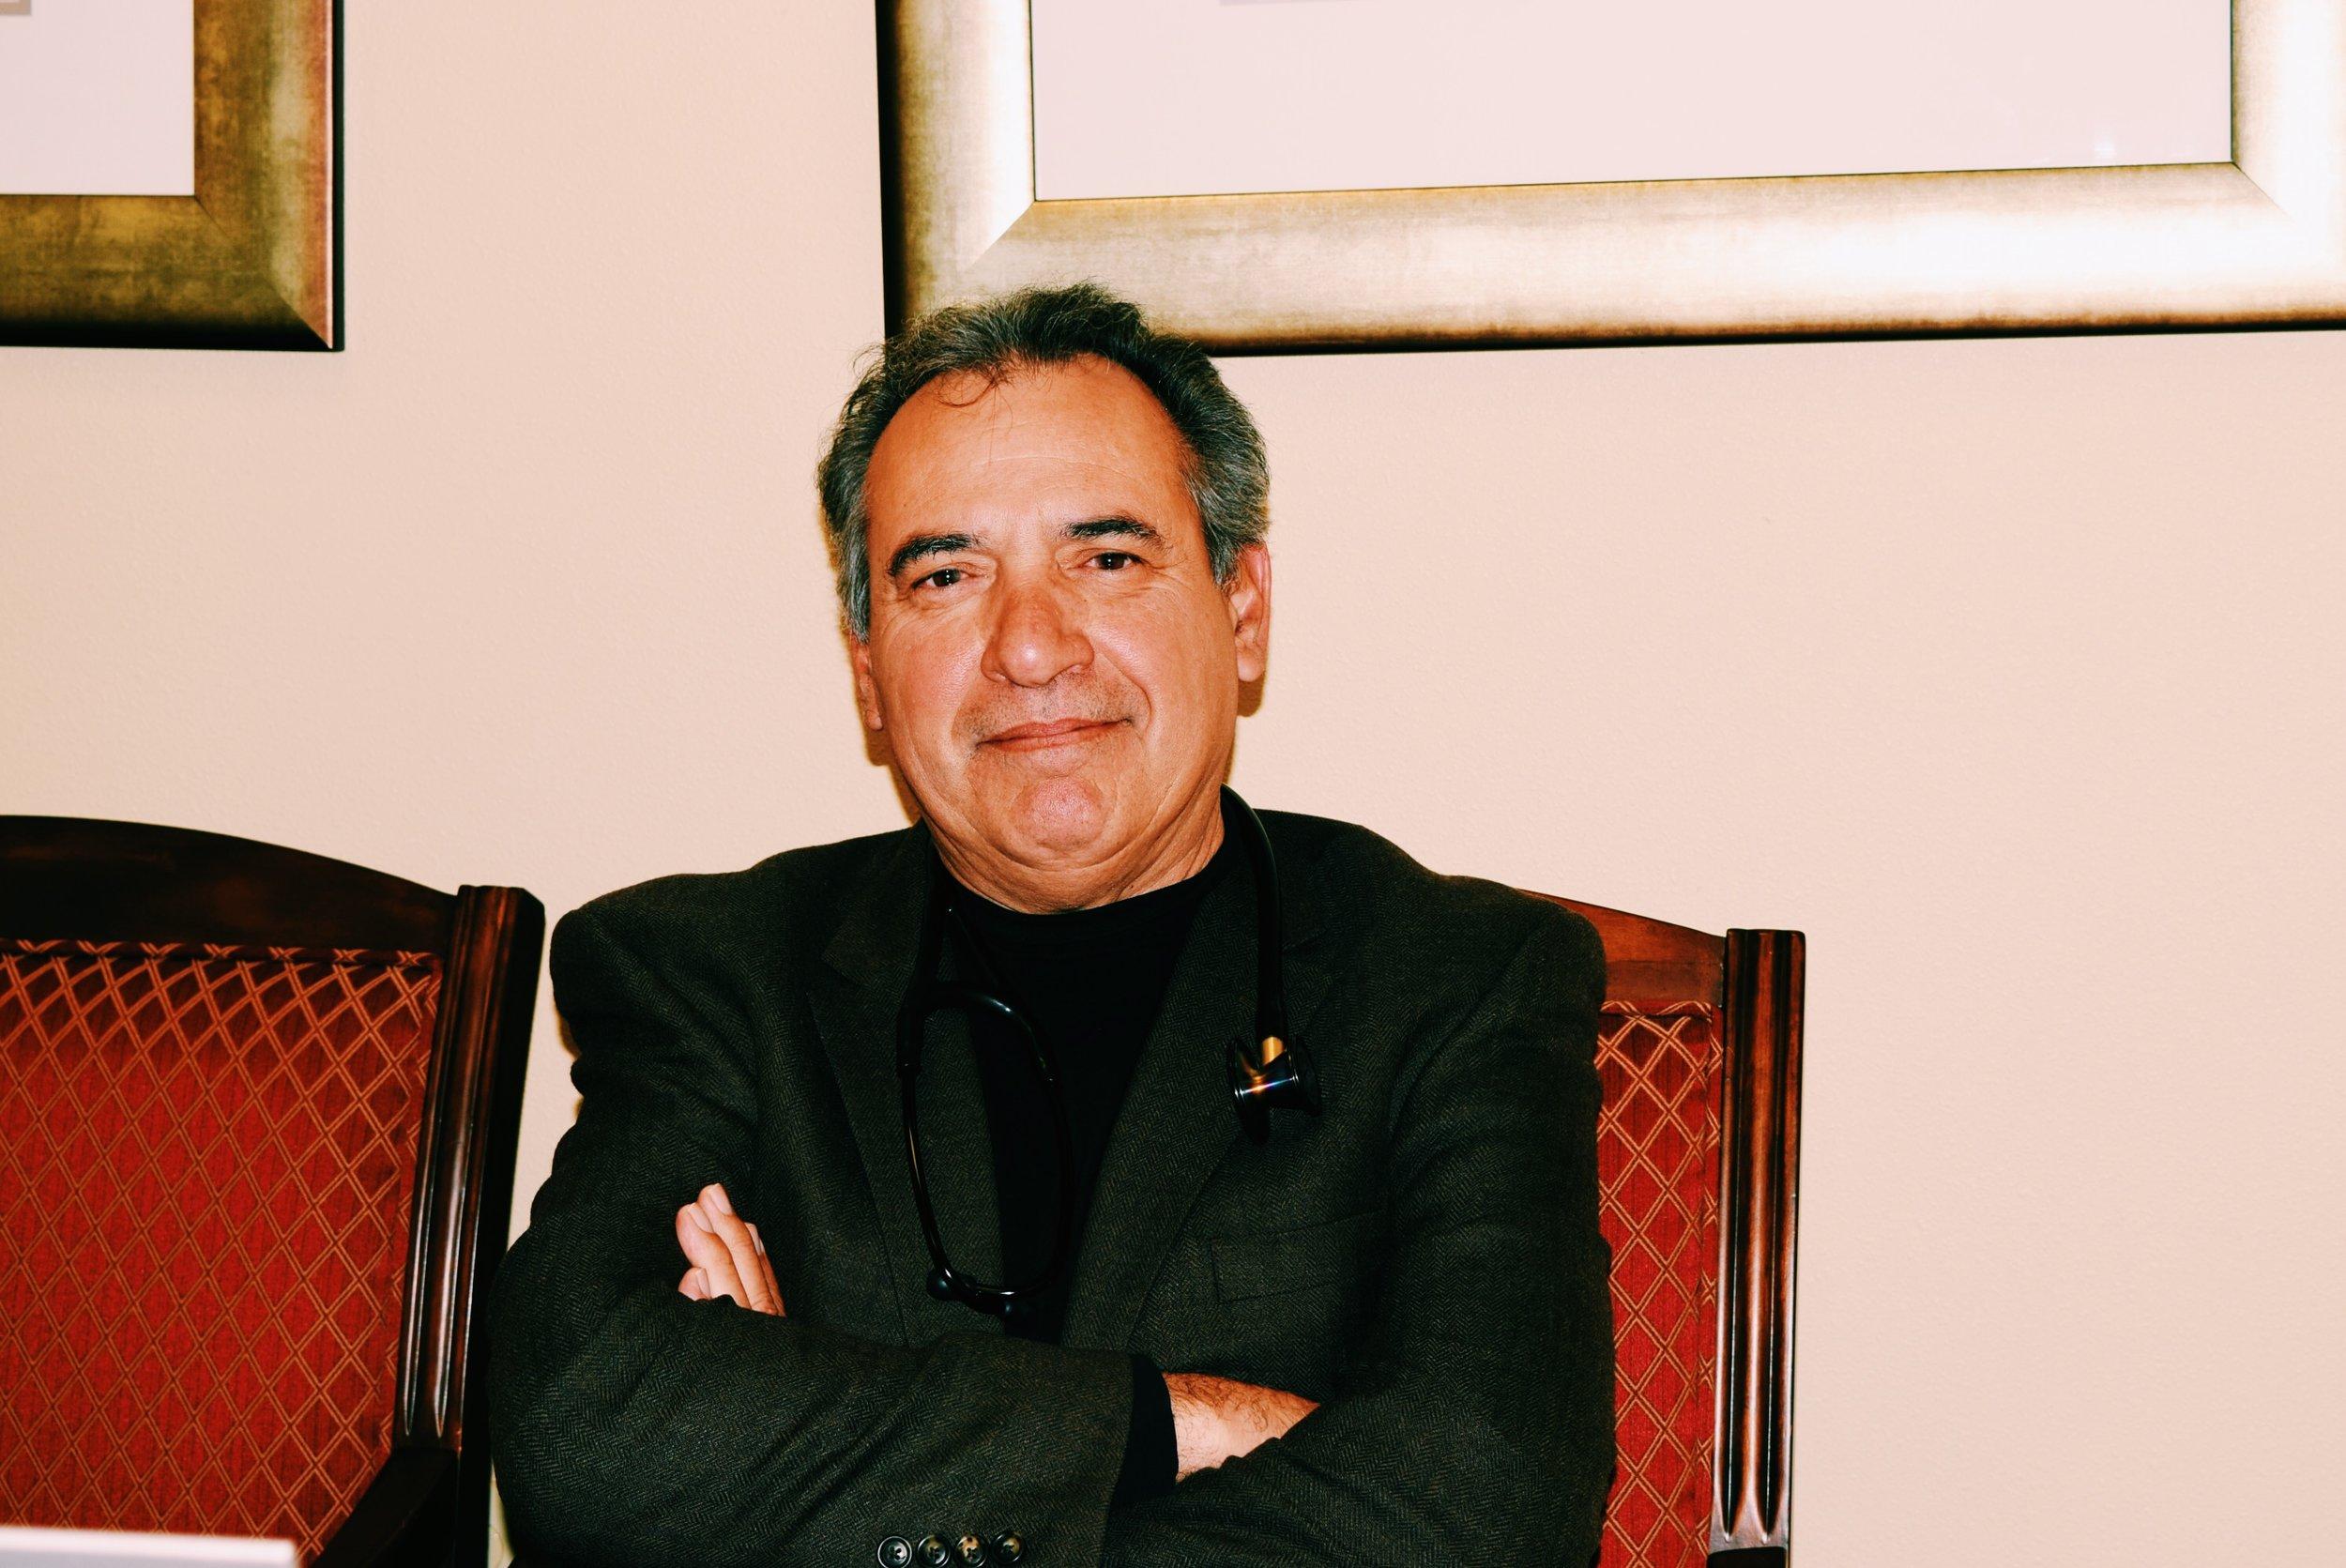 Dr. Quesada